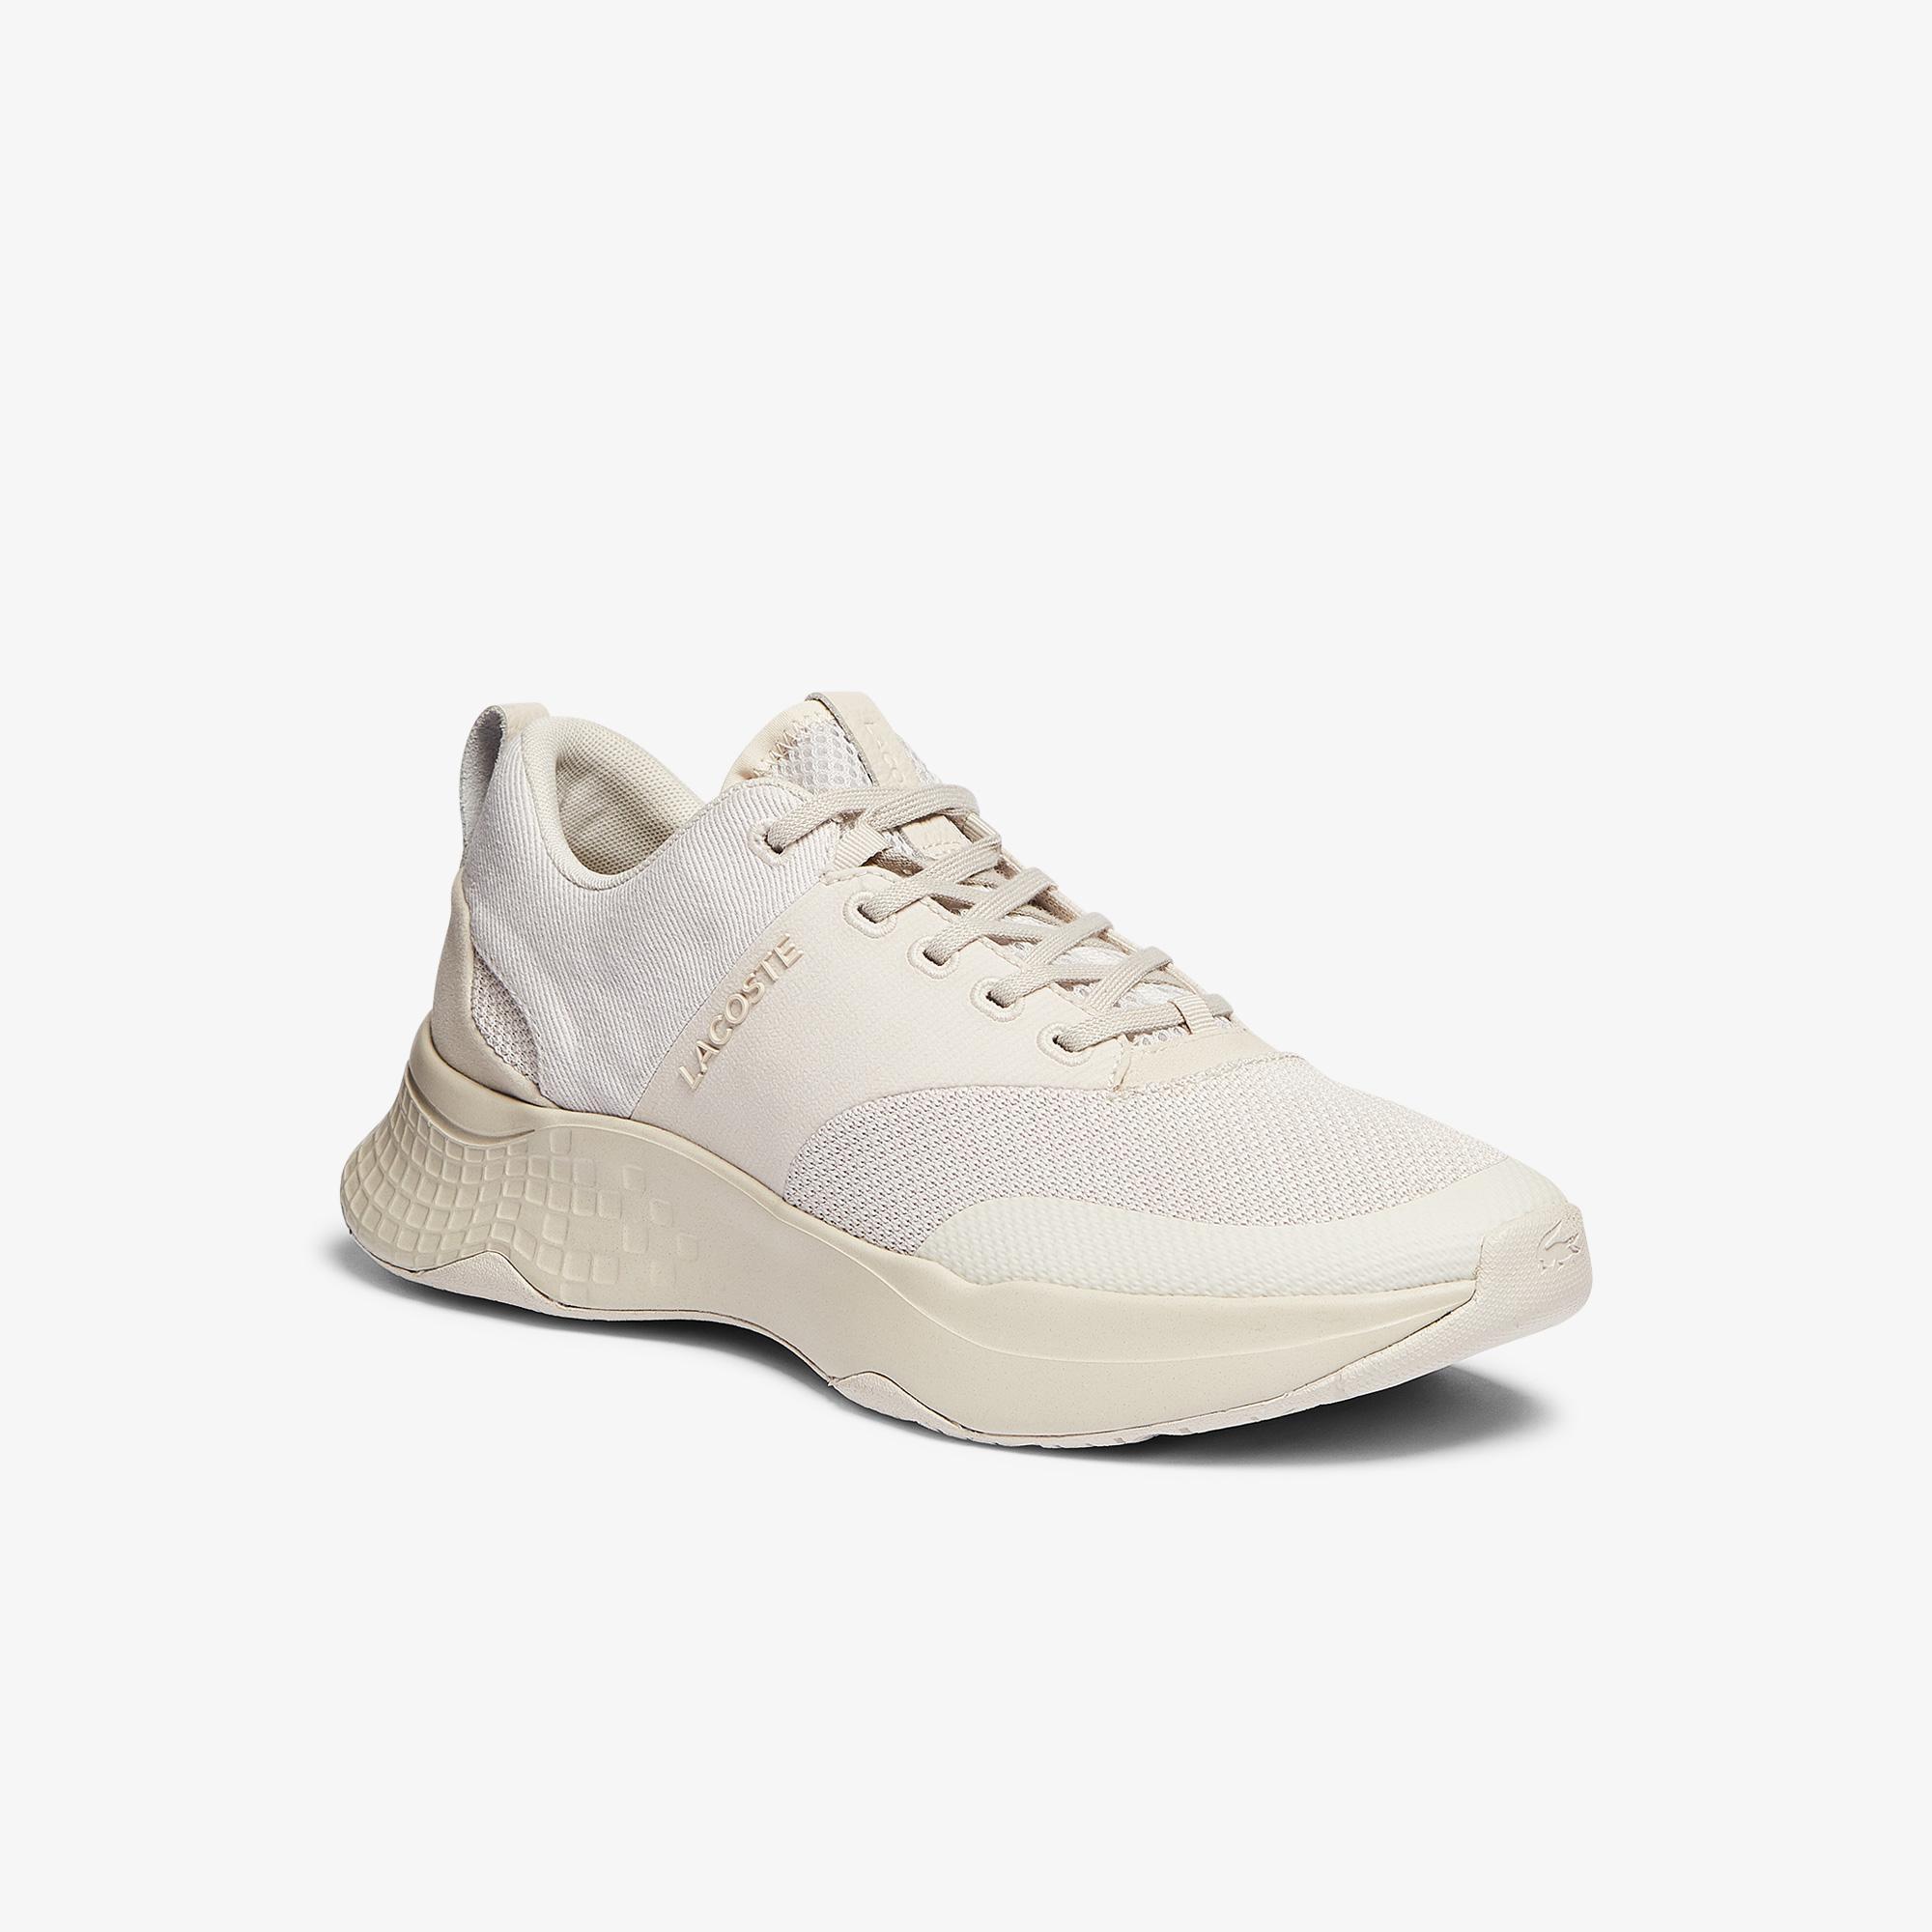 Lacoste Court-Drive Plus09211Sma Erkek Bej Sneaker